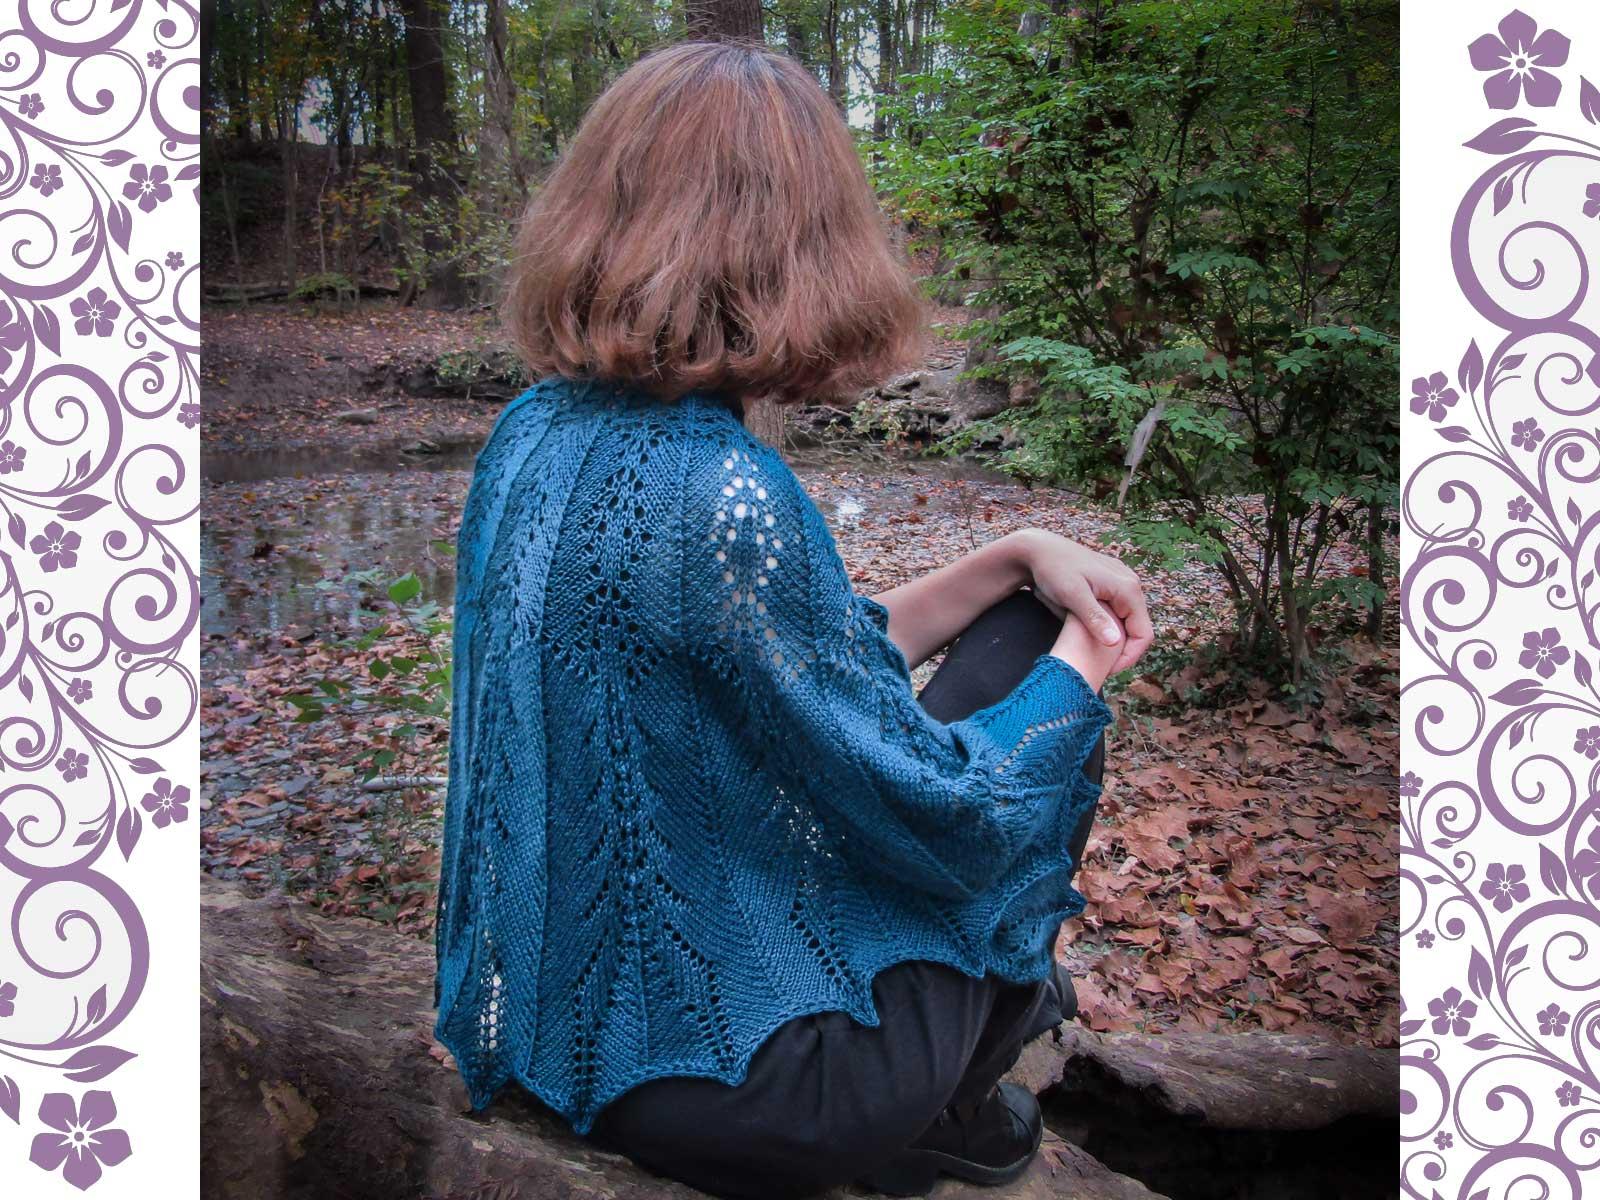 Knitting Patterns Galore - Hike to Marion Falls